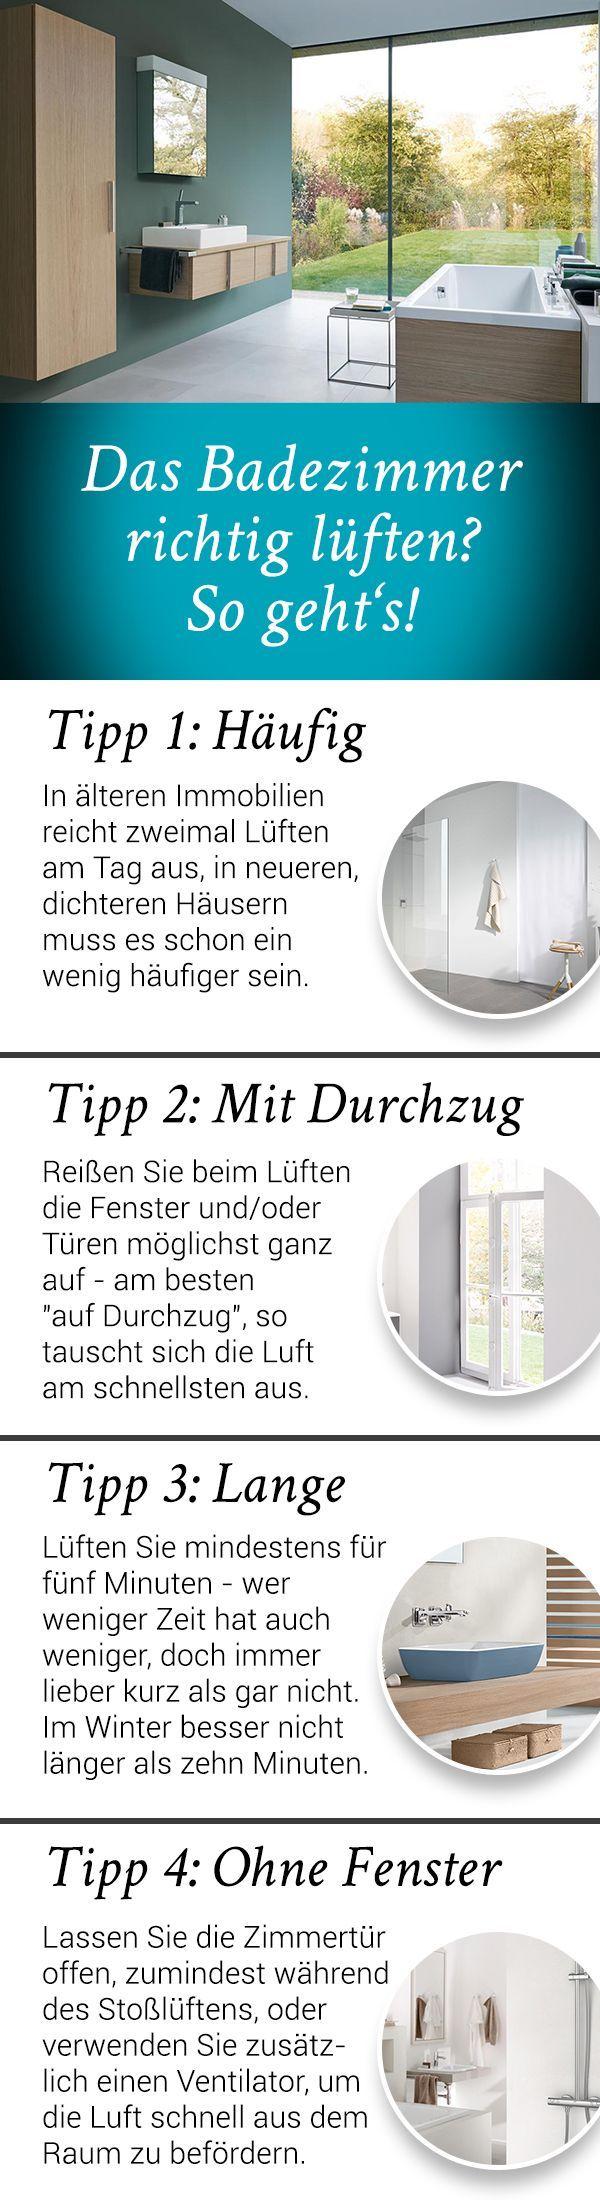 Das Badezimmer richtig zu lüften, ist aufgrund der Bildung von Feuchtigkeit wic…  #aufgrund #badezimmer #bildung #feuchtigkeit